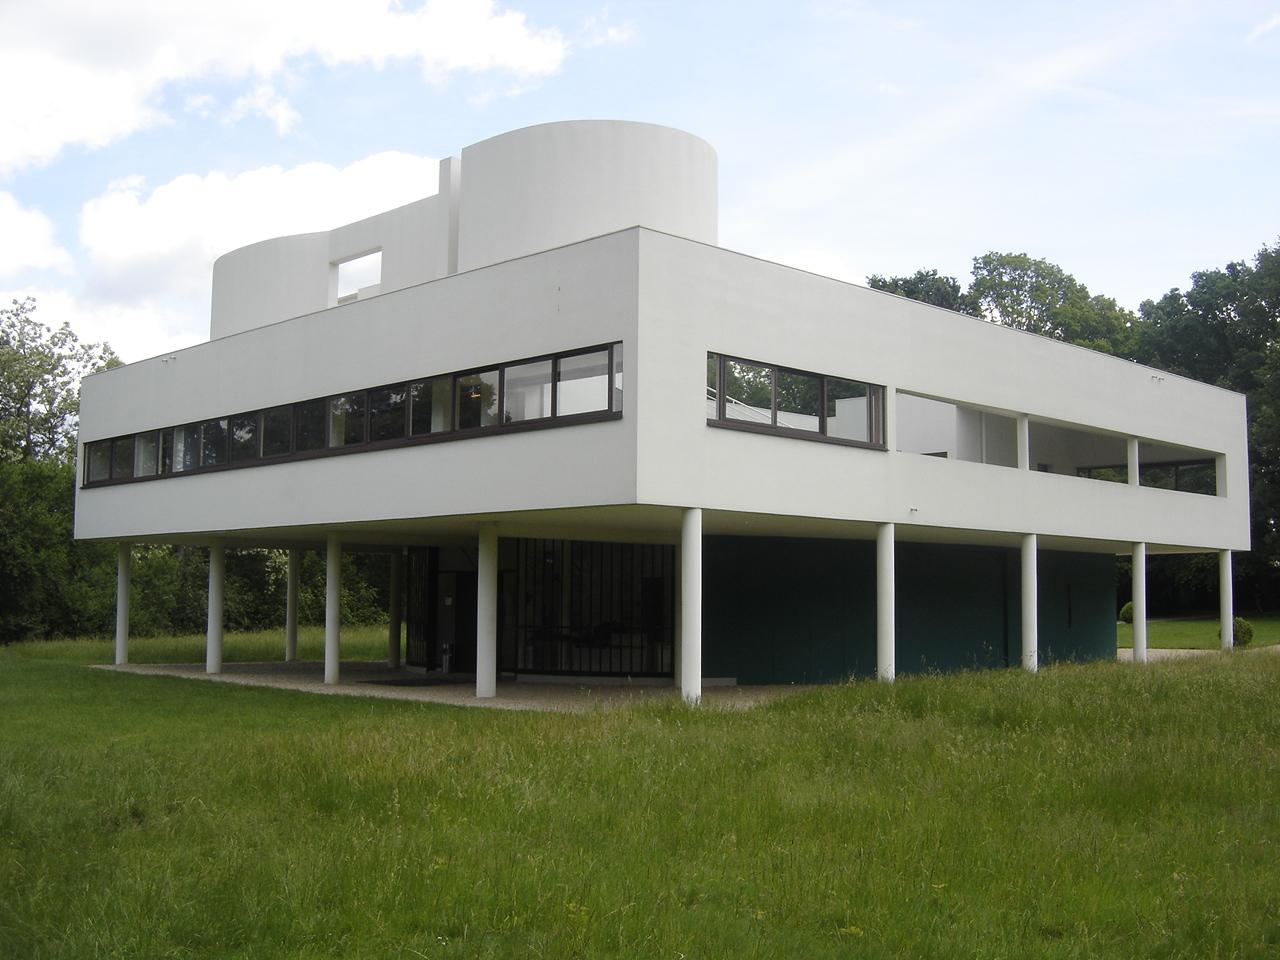 progetti architetti famosi villa savoye di le corbusier. Black Bedroom Furniture Sets. Home Design Ideas